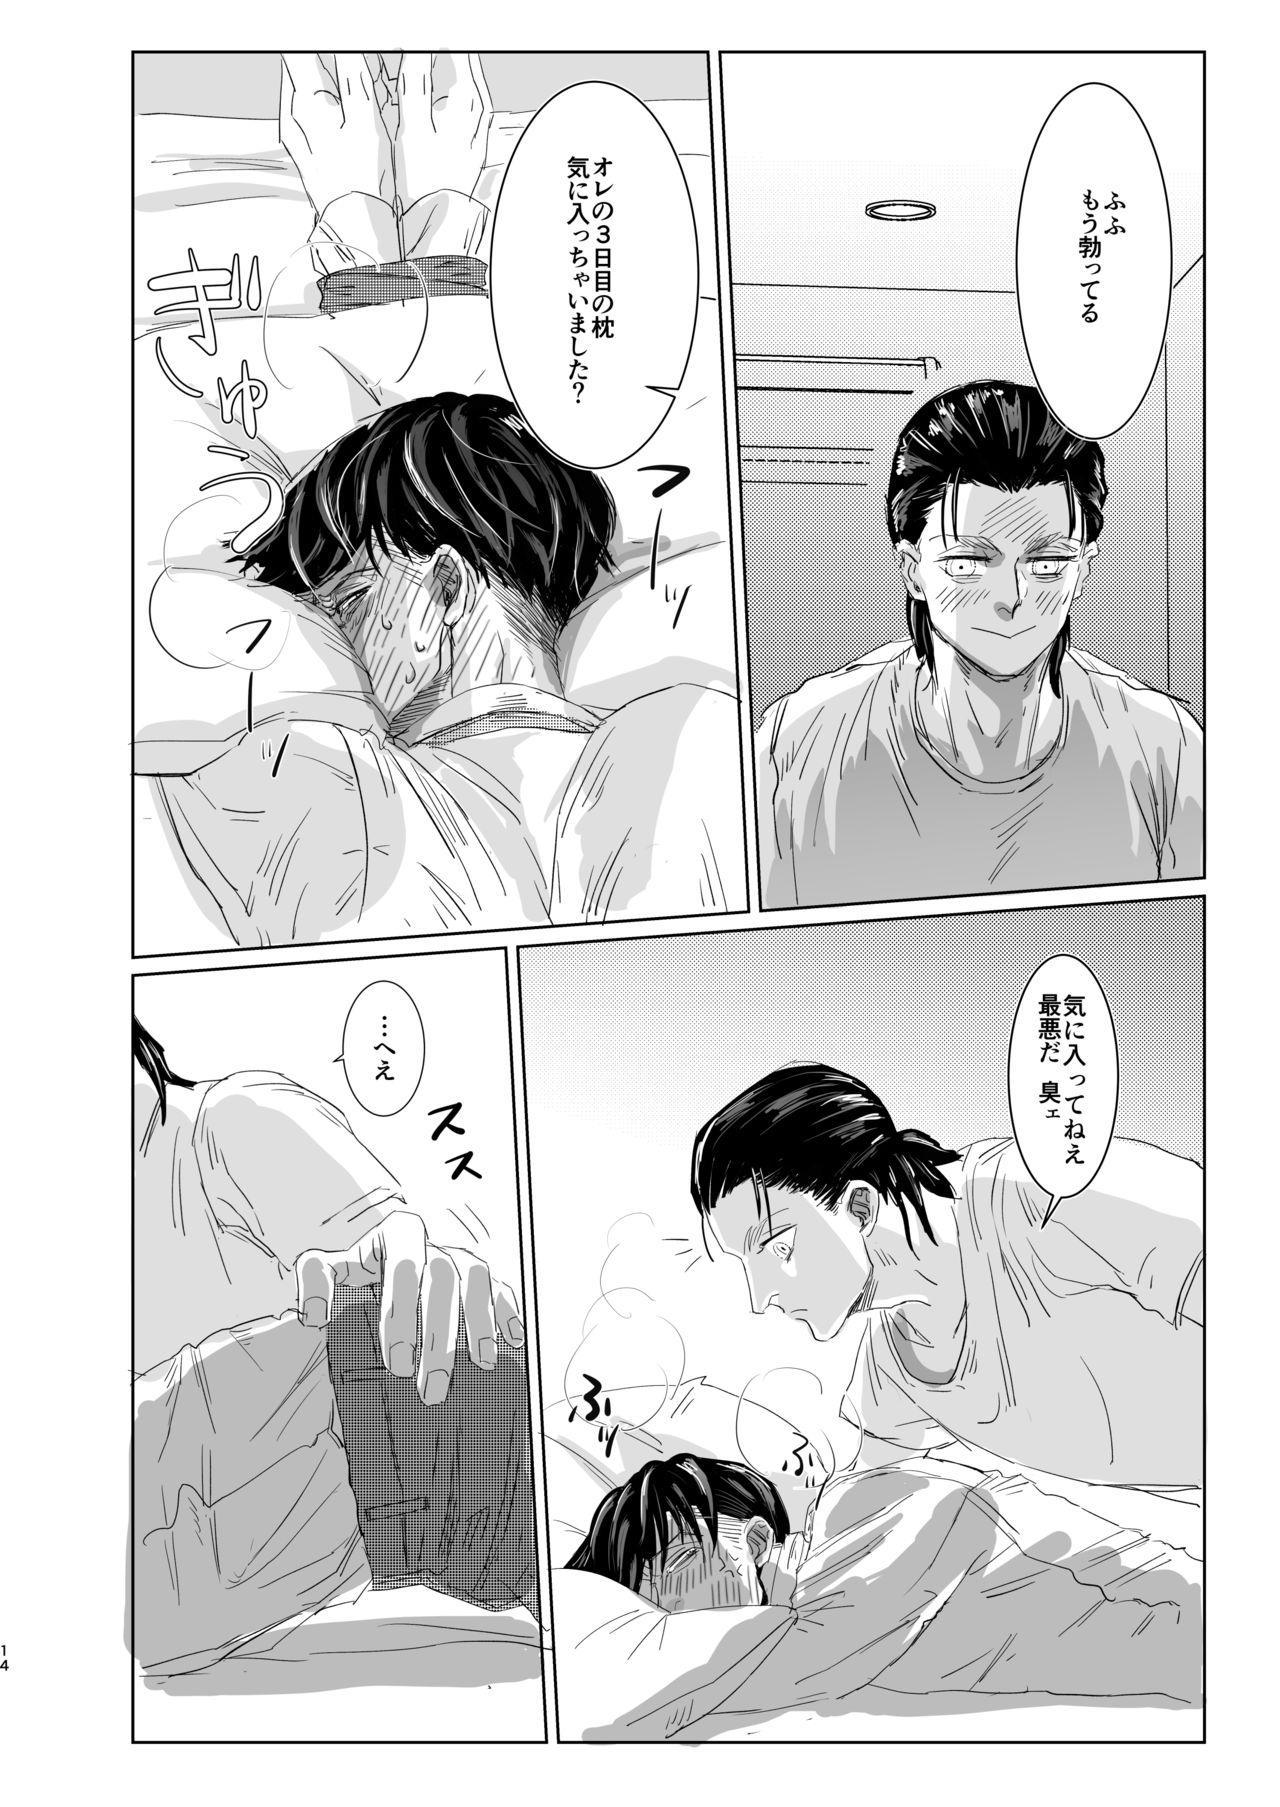 Ore no Kareshi ga Ore no Nioi o Sukisugite Komaru! 12